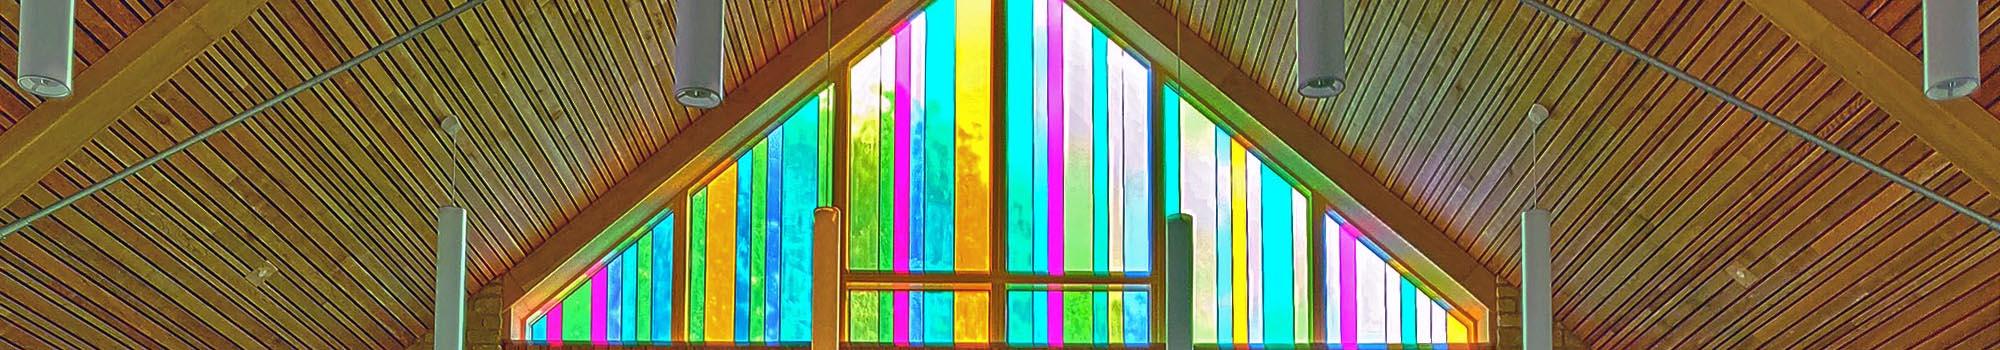 Stained glass window in Oak chapel